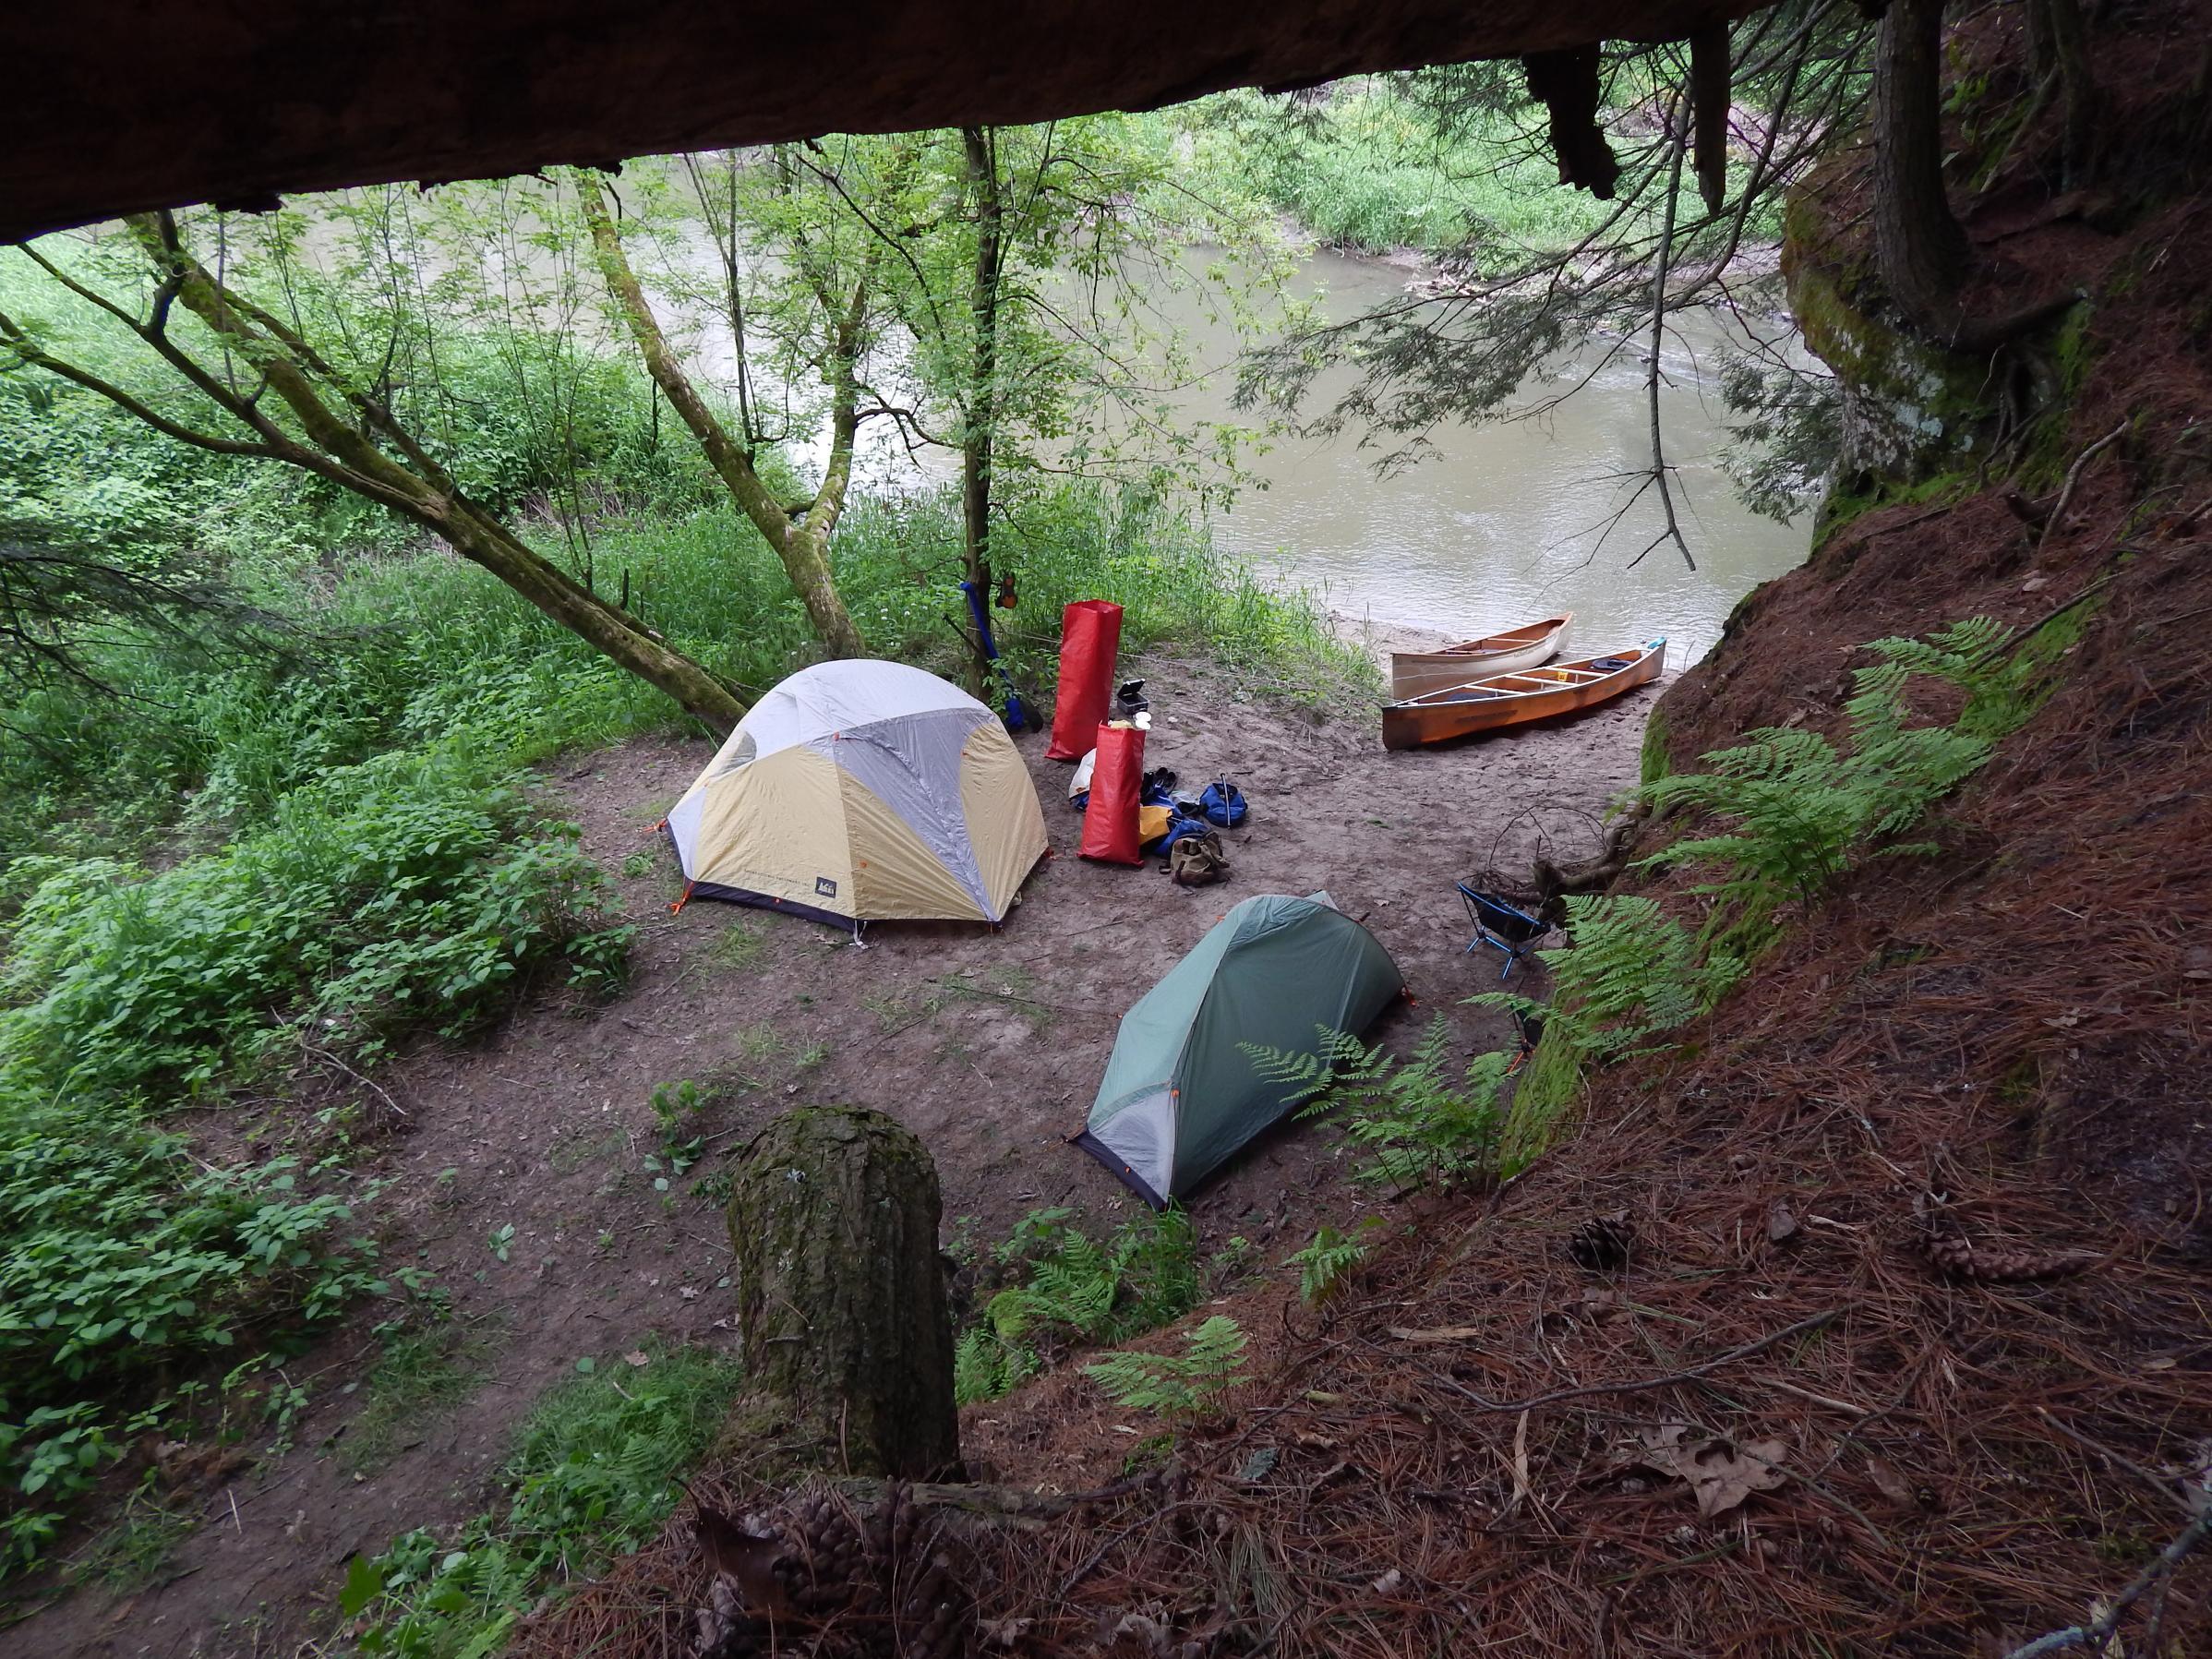 Undesignated campsite on the Kickapoo River